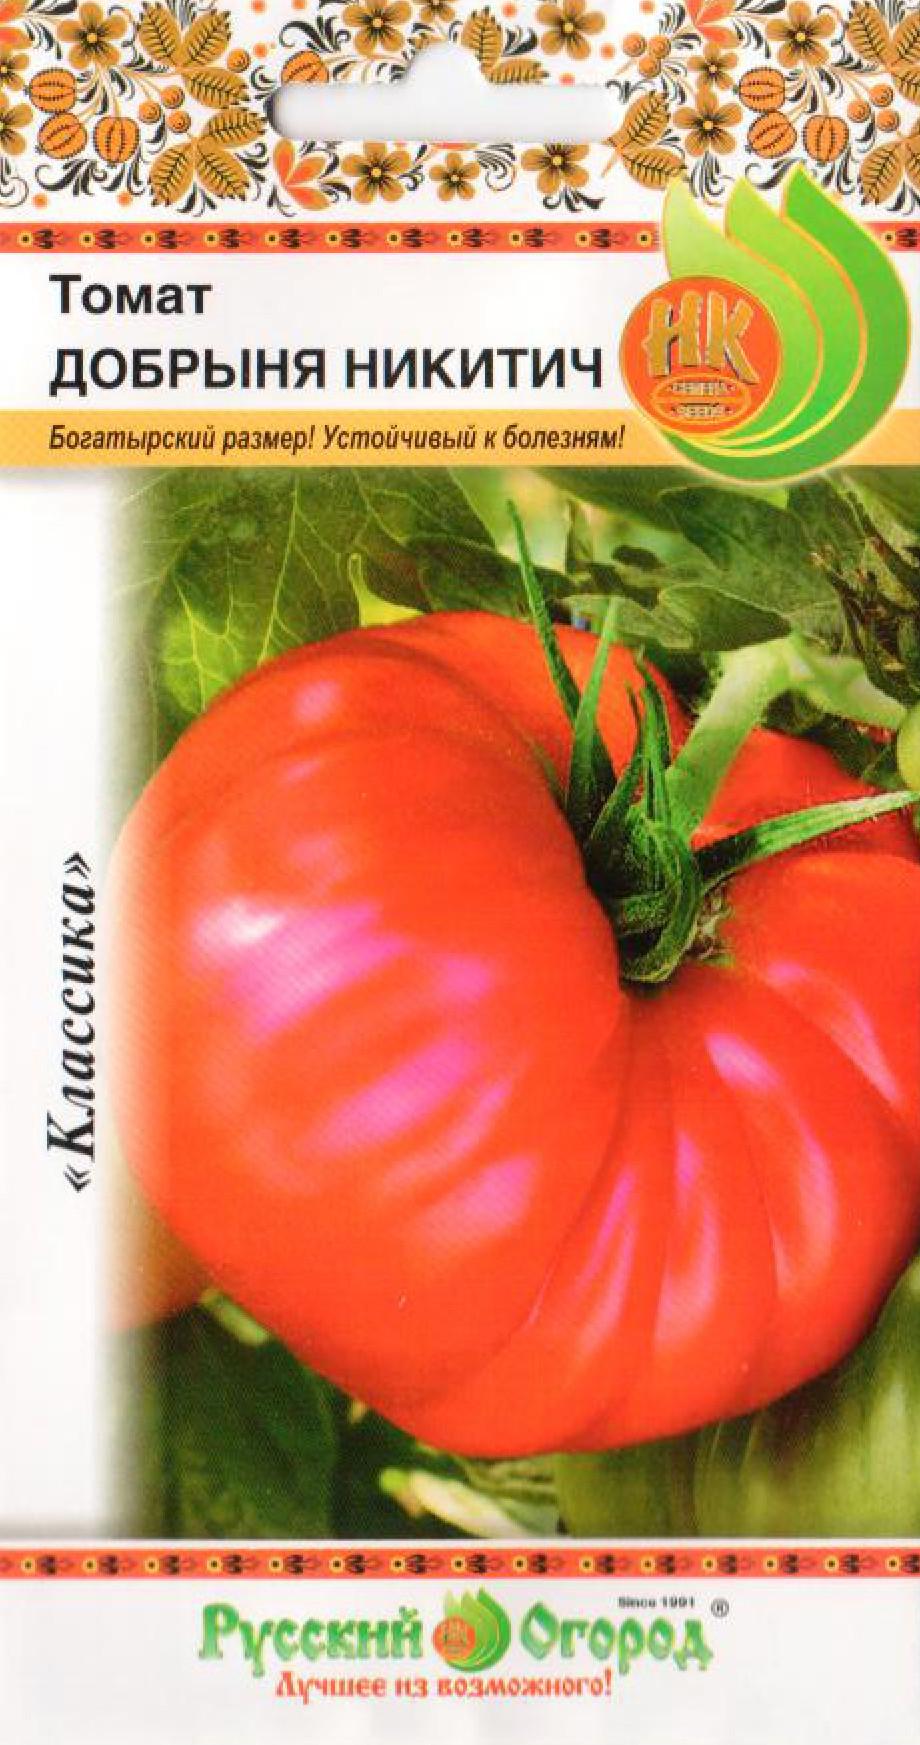 ✅ томат добрыня никитич — описание сорта, отзывы, урожайность - cvetochki-penza.ru